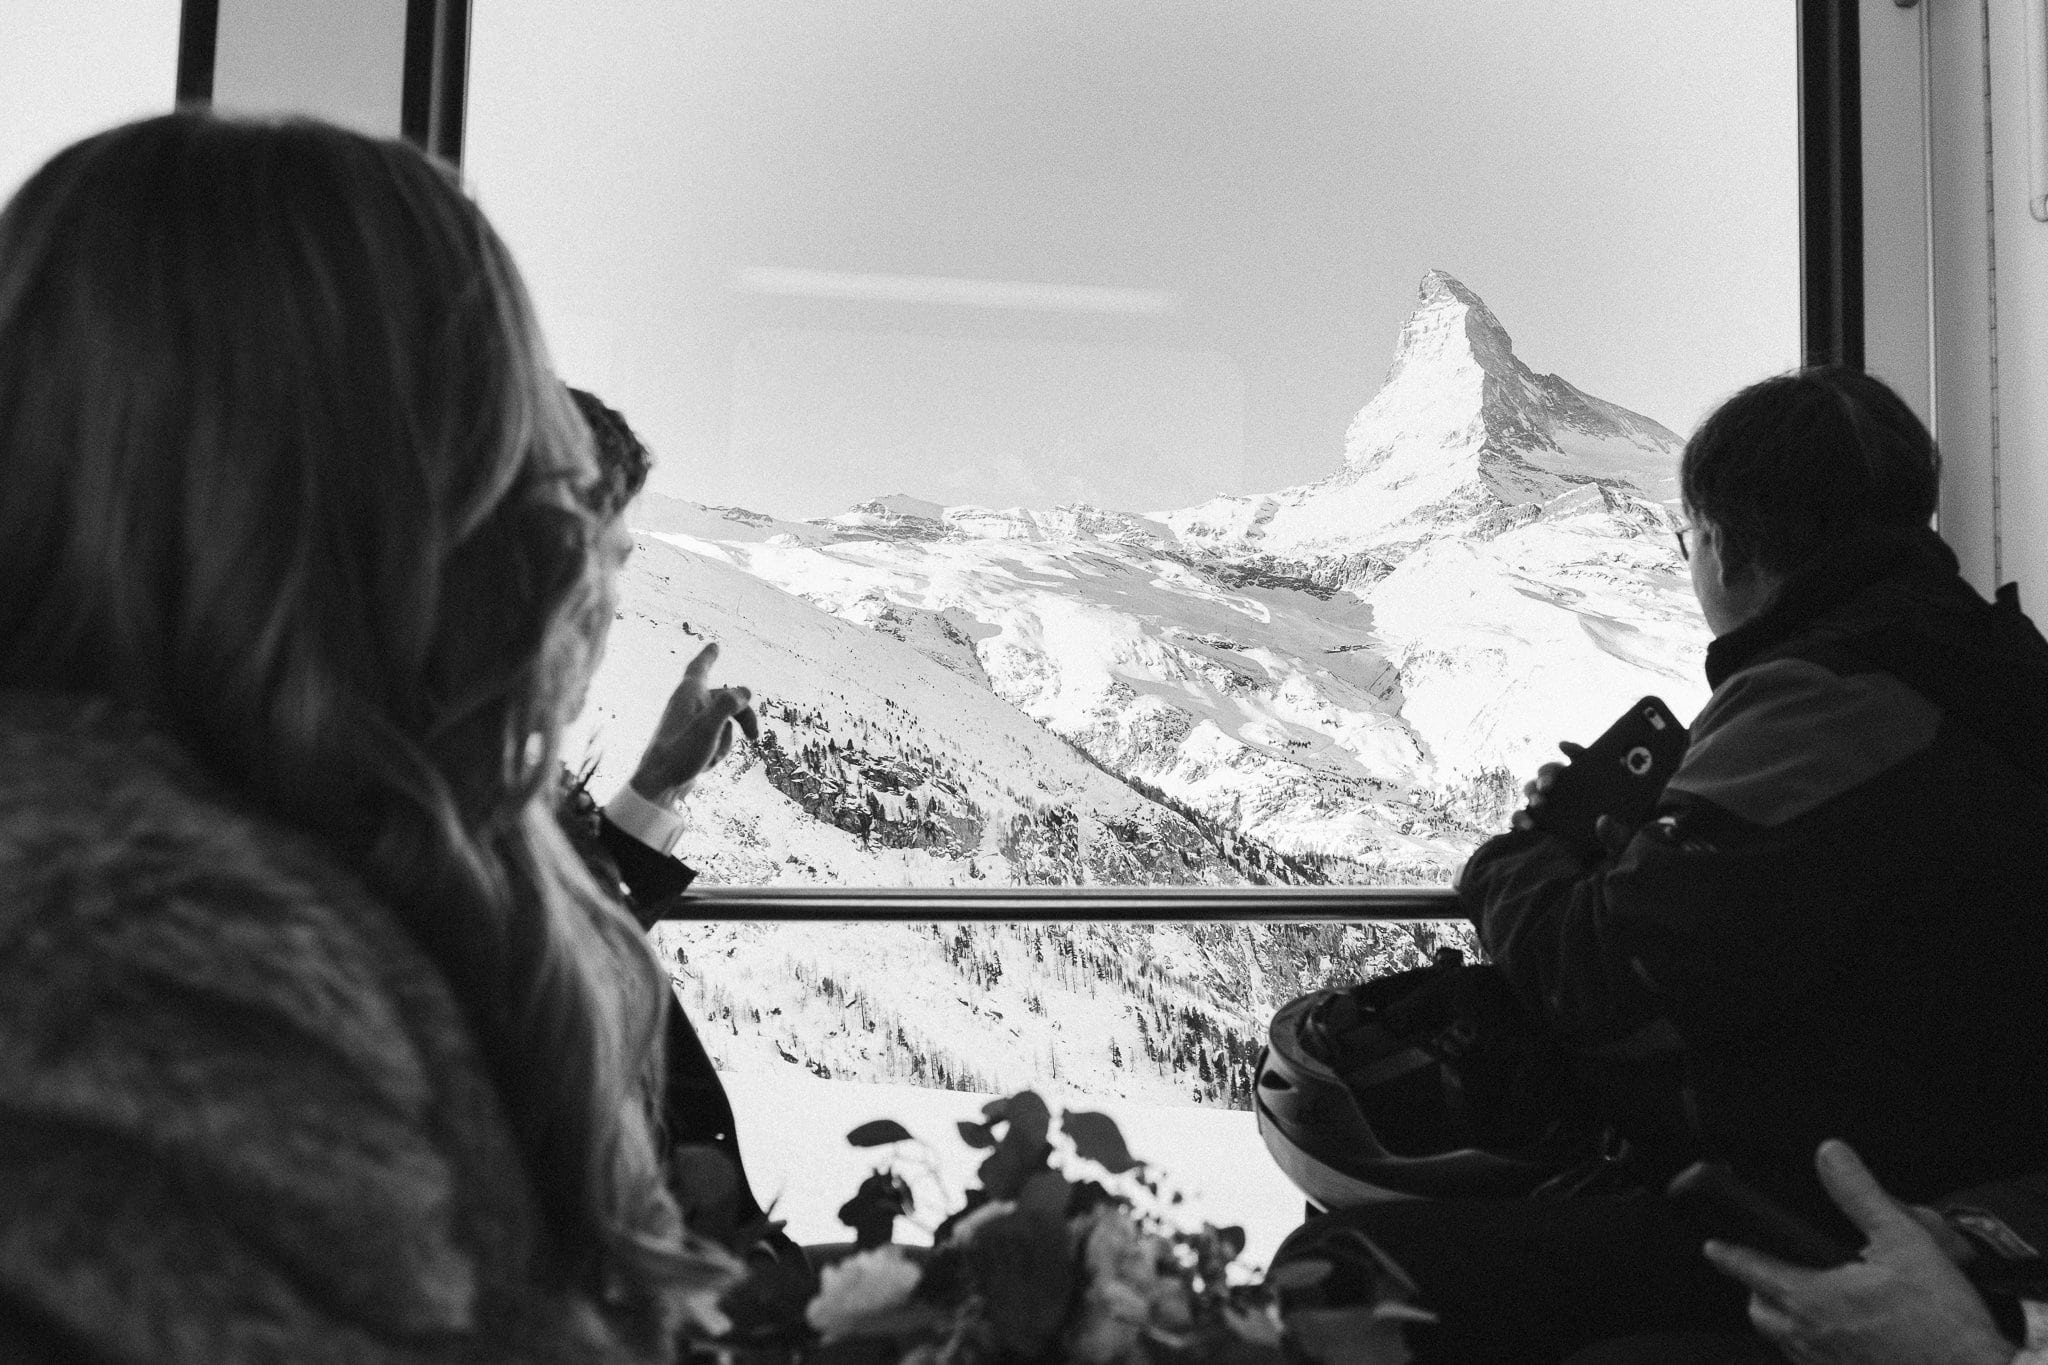 Bride and groom ride the ski train Gornergratbahn in Zermatt, Switzerland.